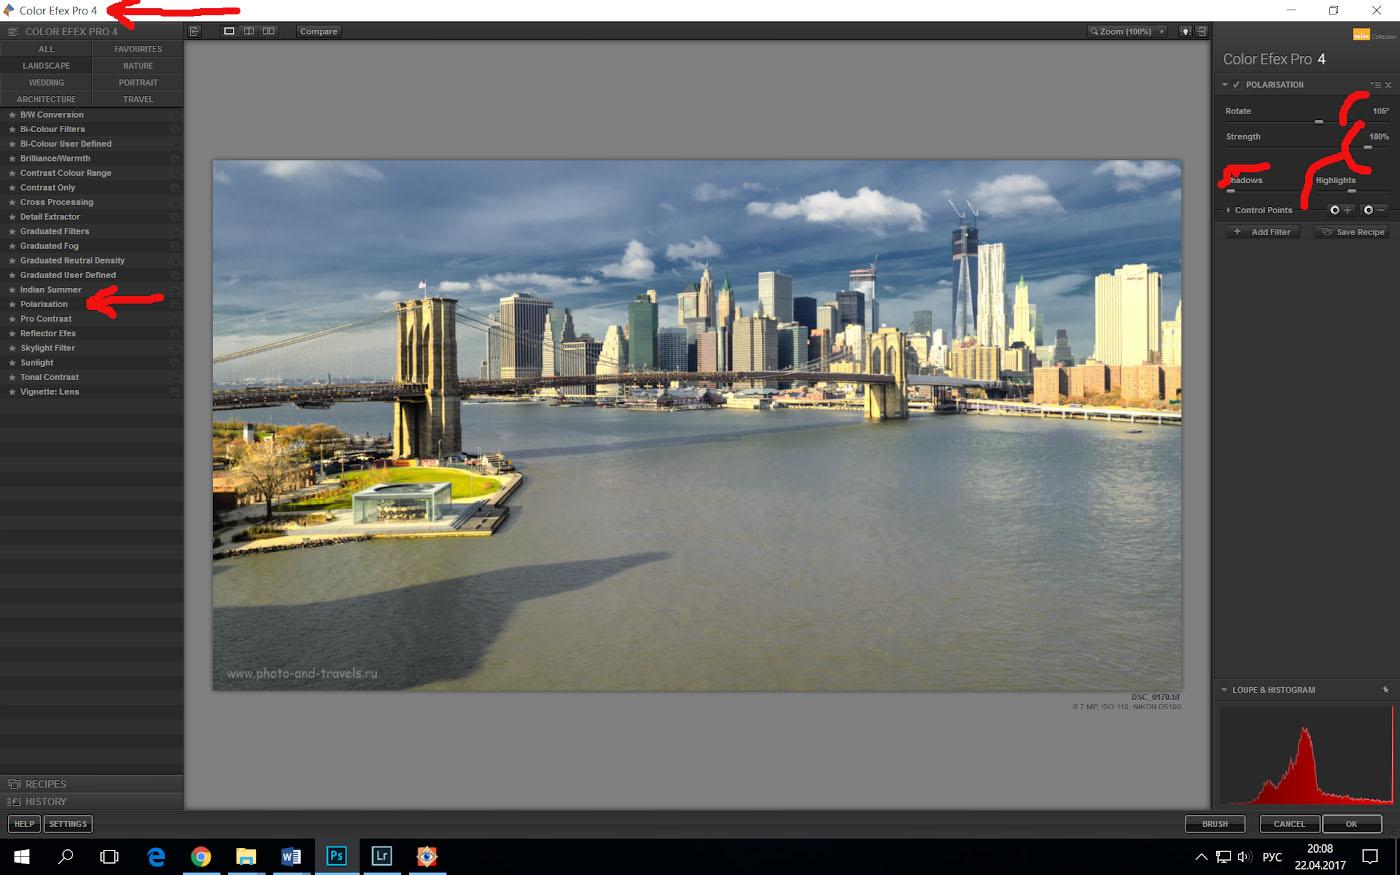 """14. Пример обработки пейзажа в программе Photoshop с использованием плагина """"Polarisation"""" из набора """"GoogleNik Collection""""."""